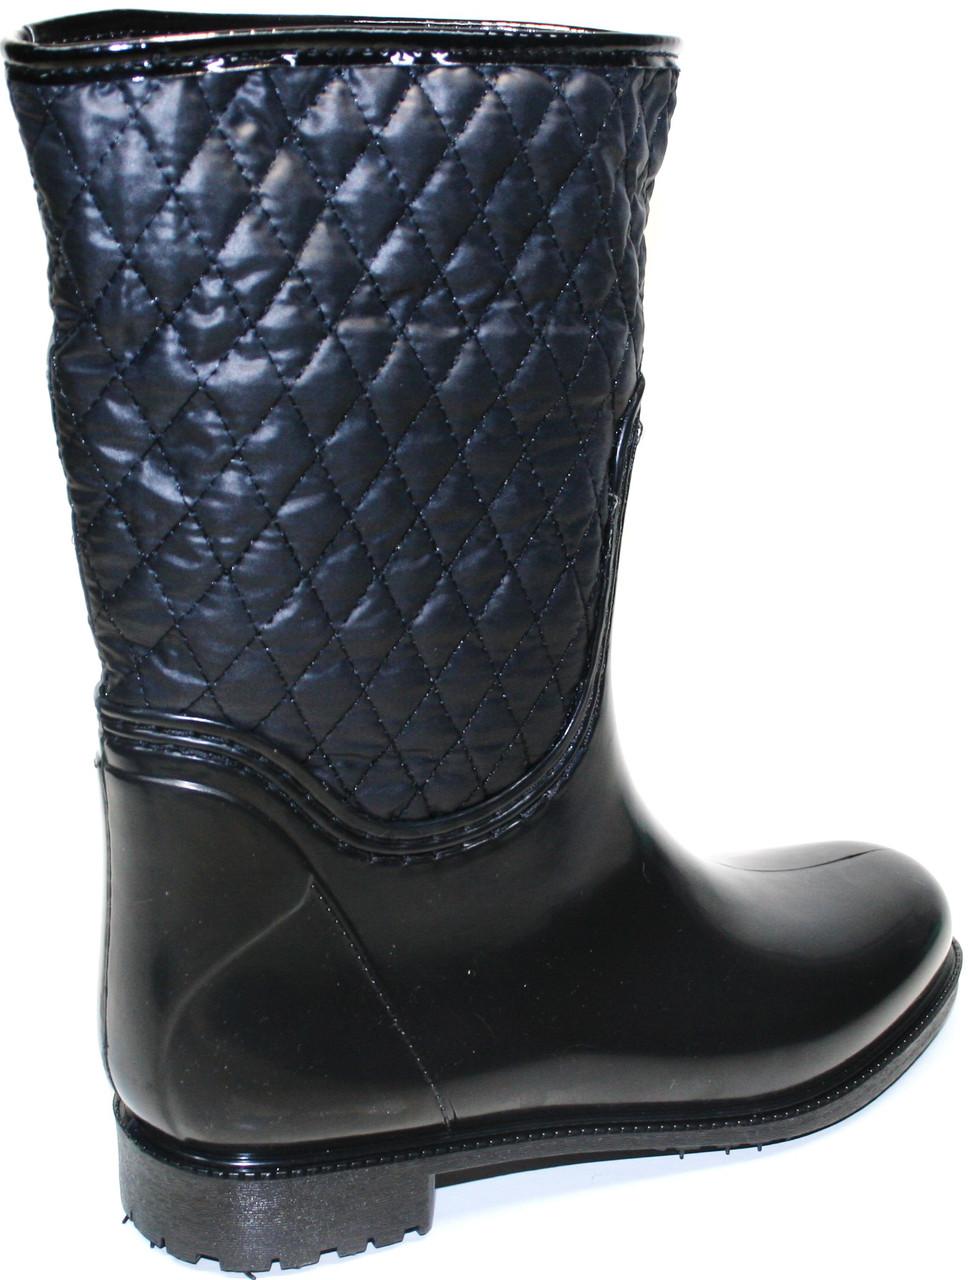 87ebef6f259 ... Резиновая обувь для города. Резиновые сапоги ботинки Valex 46109 - 622